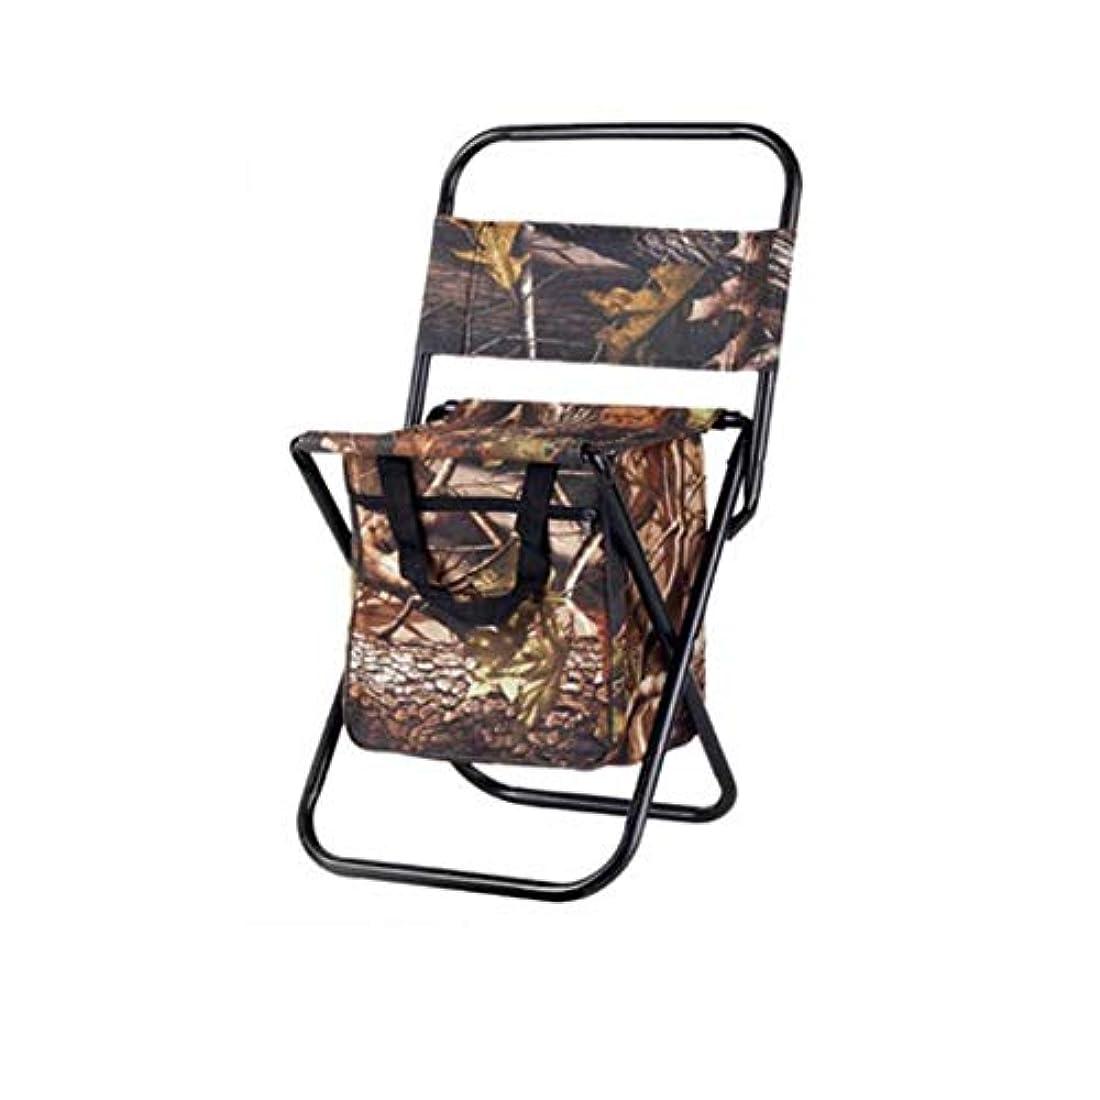 ボタン歪める港FH 釣りの椅子の袋は、バック絶縁釣りの椅子釣りの椅子折りたたみ氷パック釣りスツール釣りMazarシート折りたたみチェア